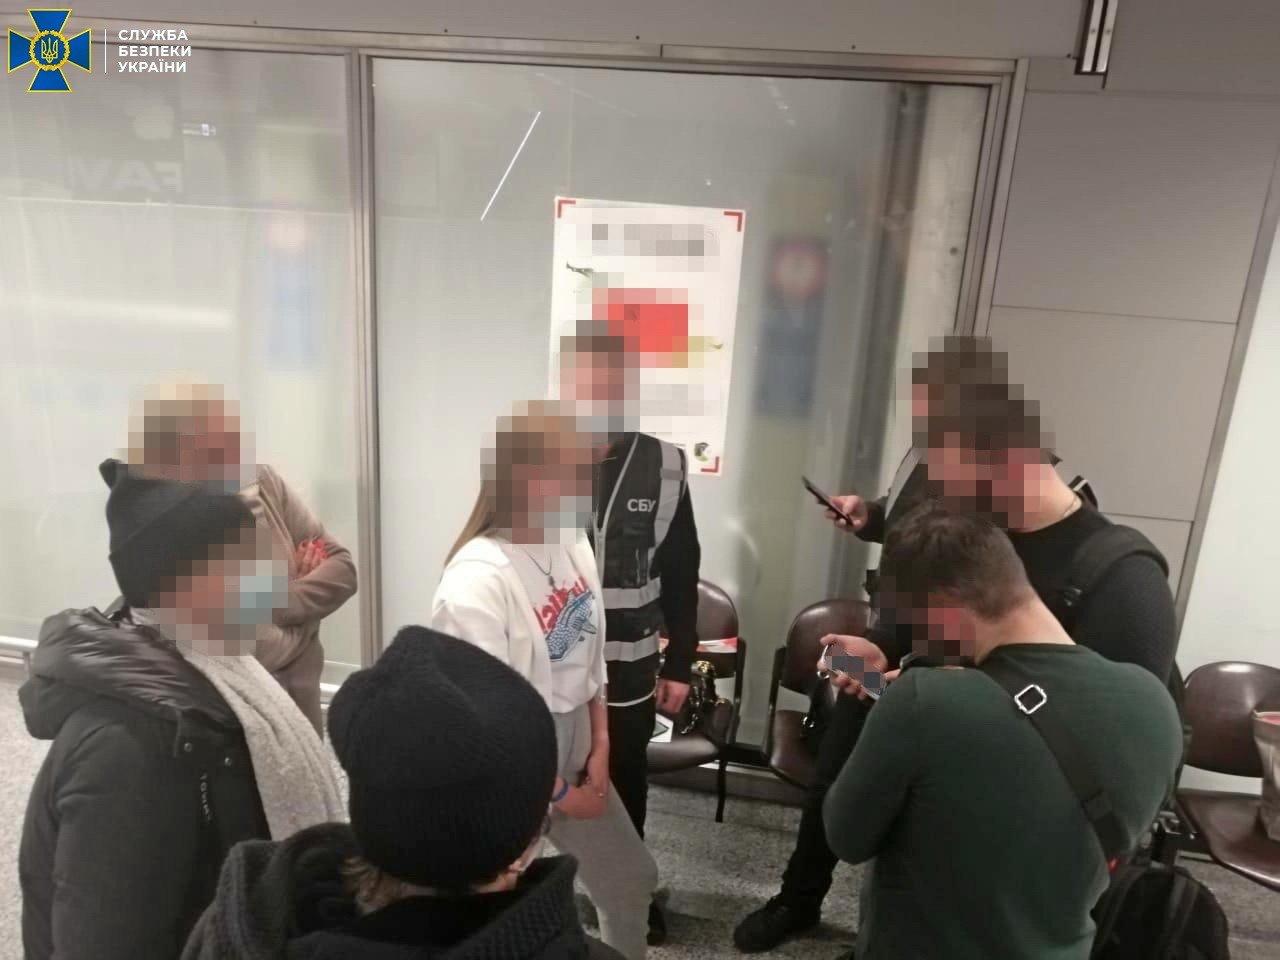 СБУ: телеграм-каналы «Легитимный», «Резидент», «Картель» работают на спецслужбы России , - ФОТО, фото-2